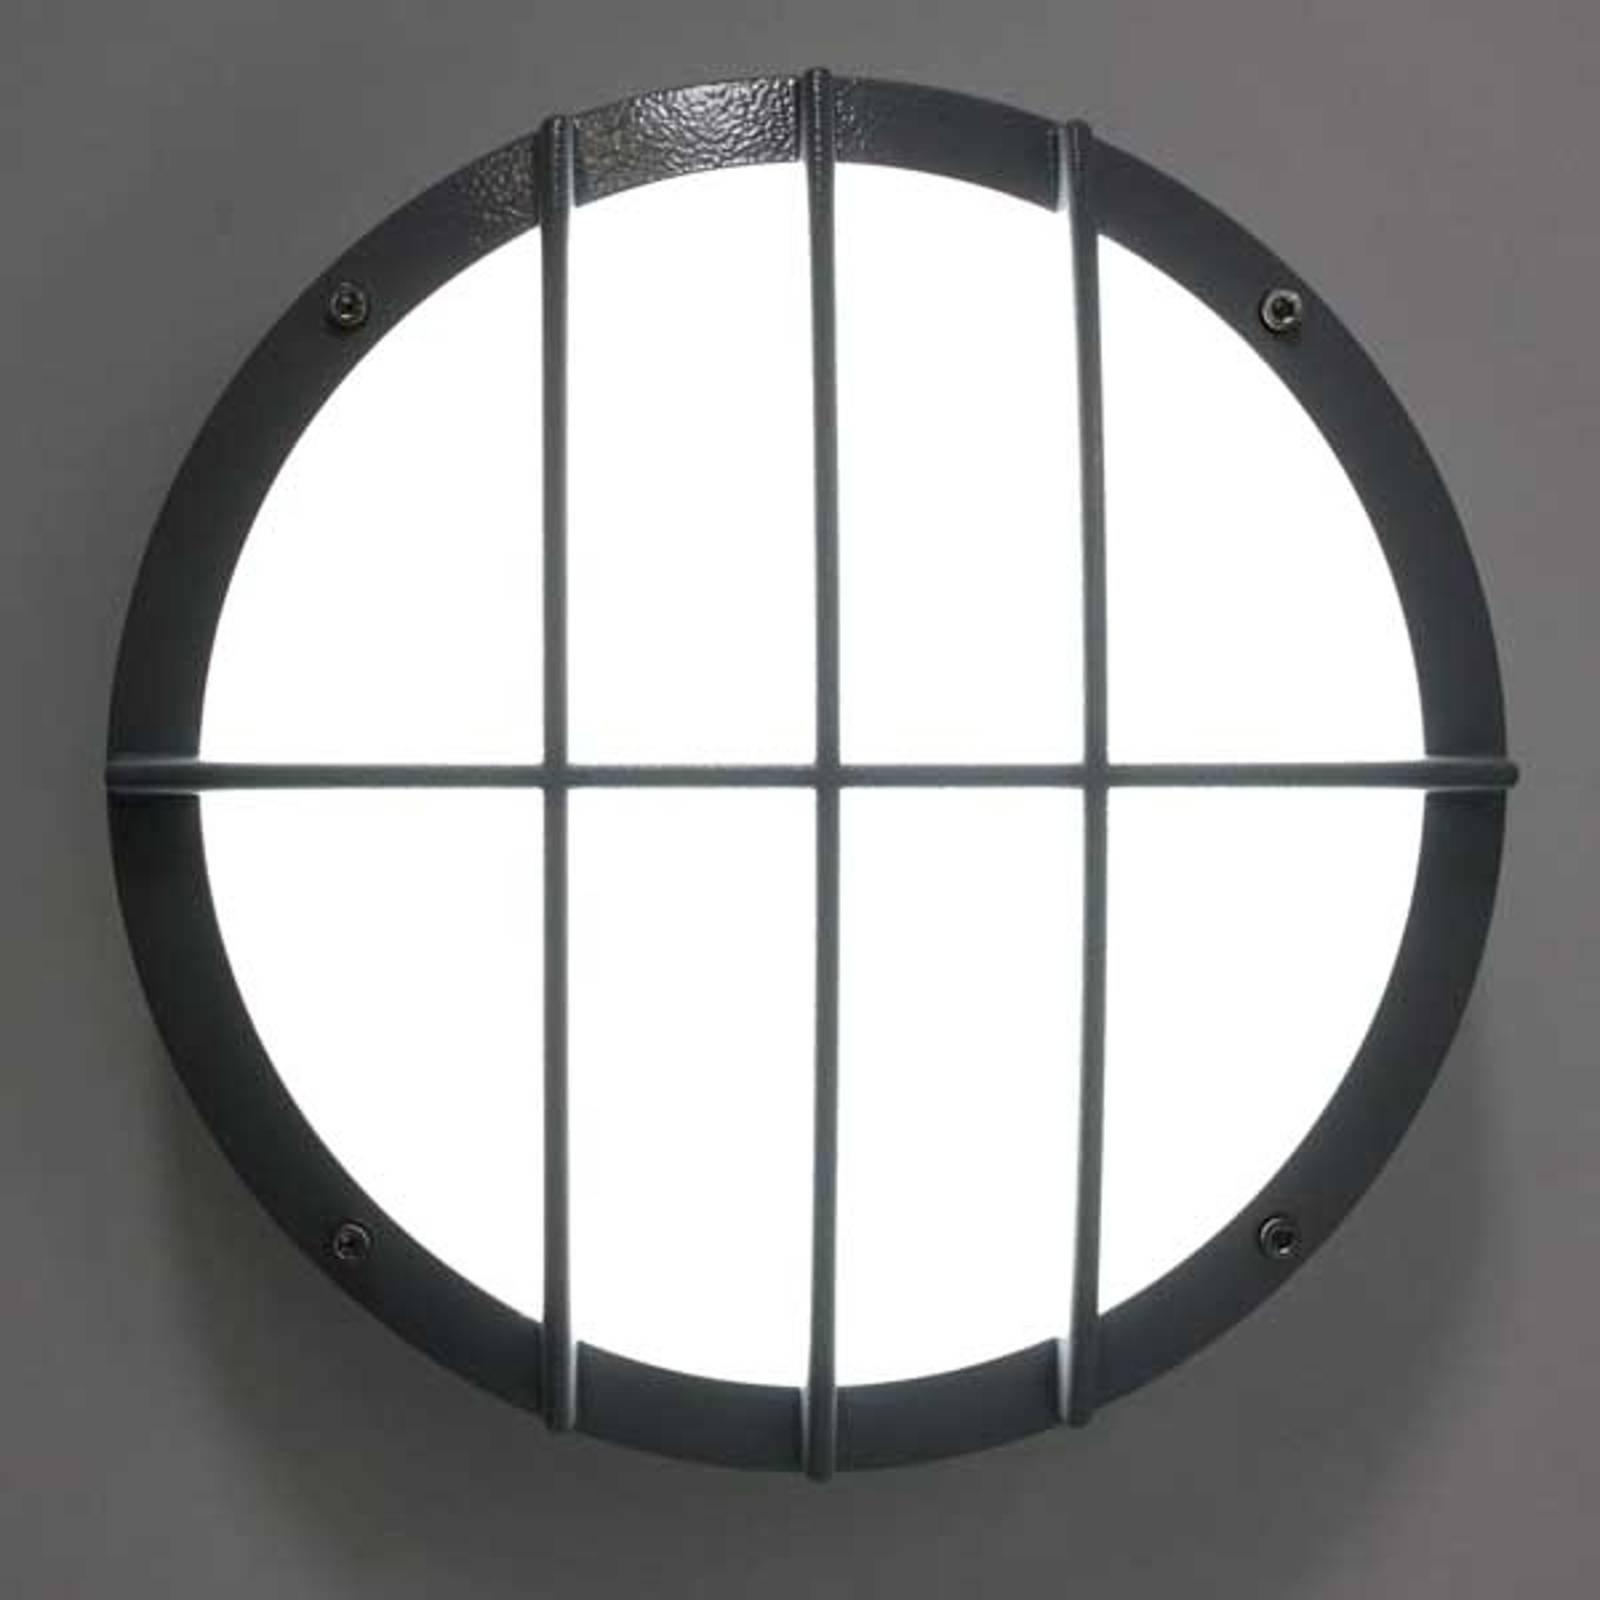 SUN 8 LED-vegglampe i trykkstøpt aluminium, 13W 4K